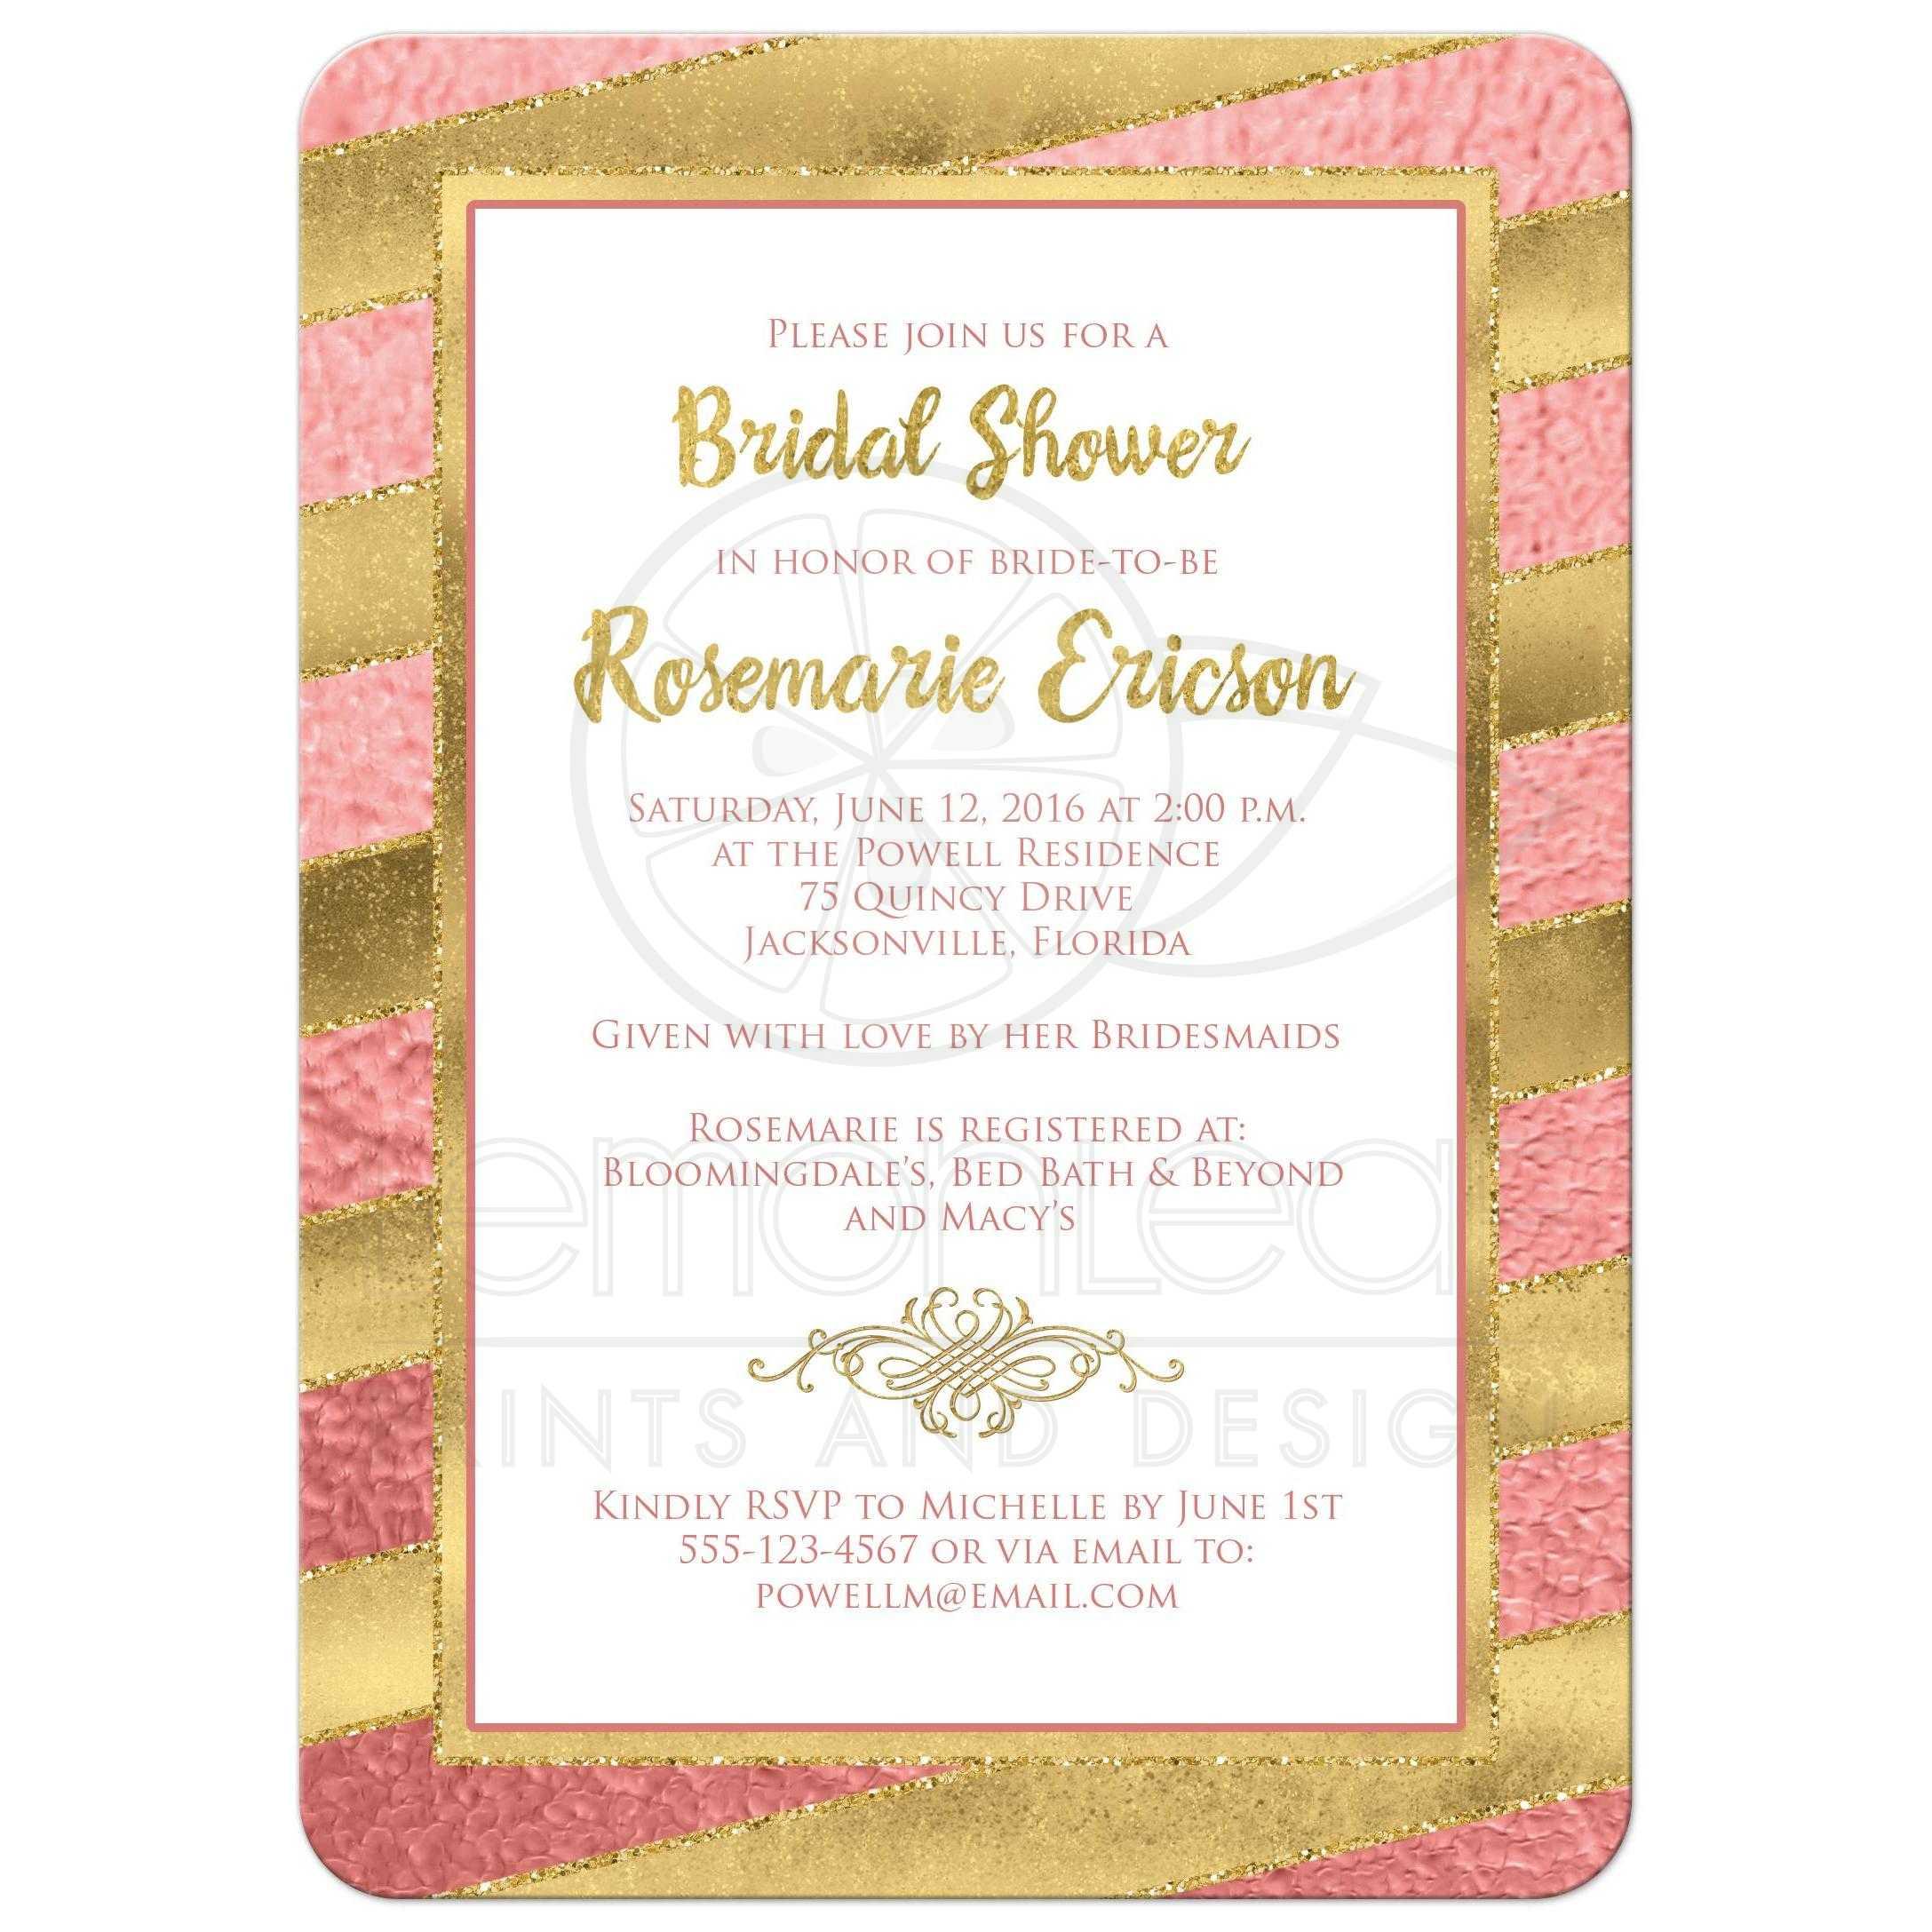 Bridal shower invitation rose gold stripes faux glitter rose gold foil and gold glitter striped bridal shower wedding shower or couples filmwisefo